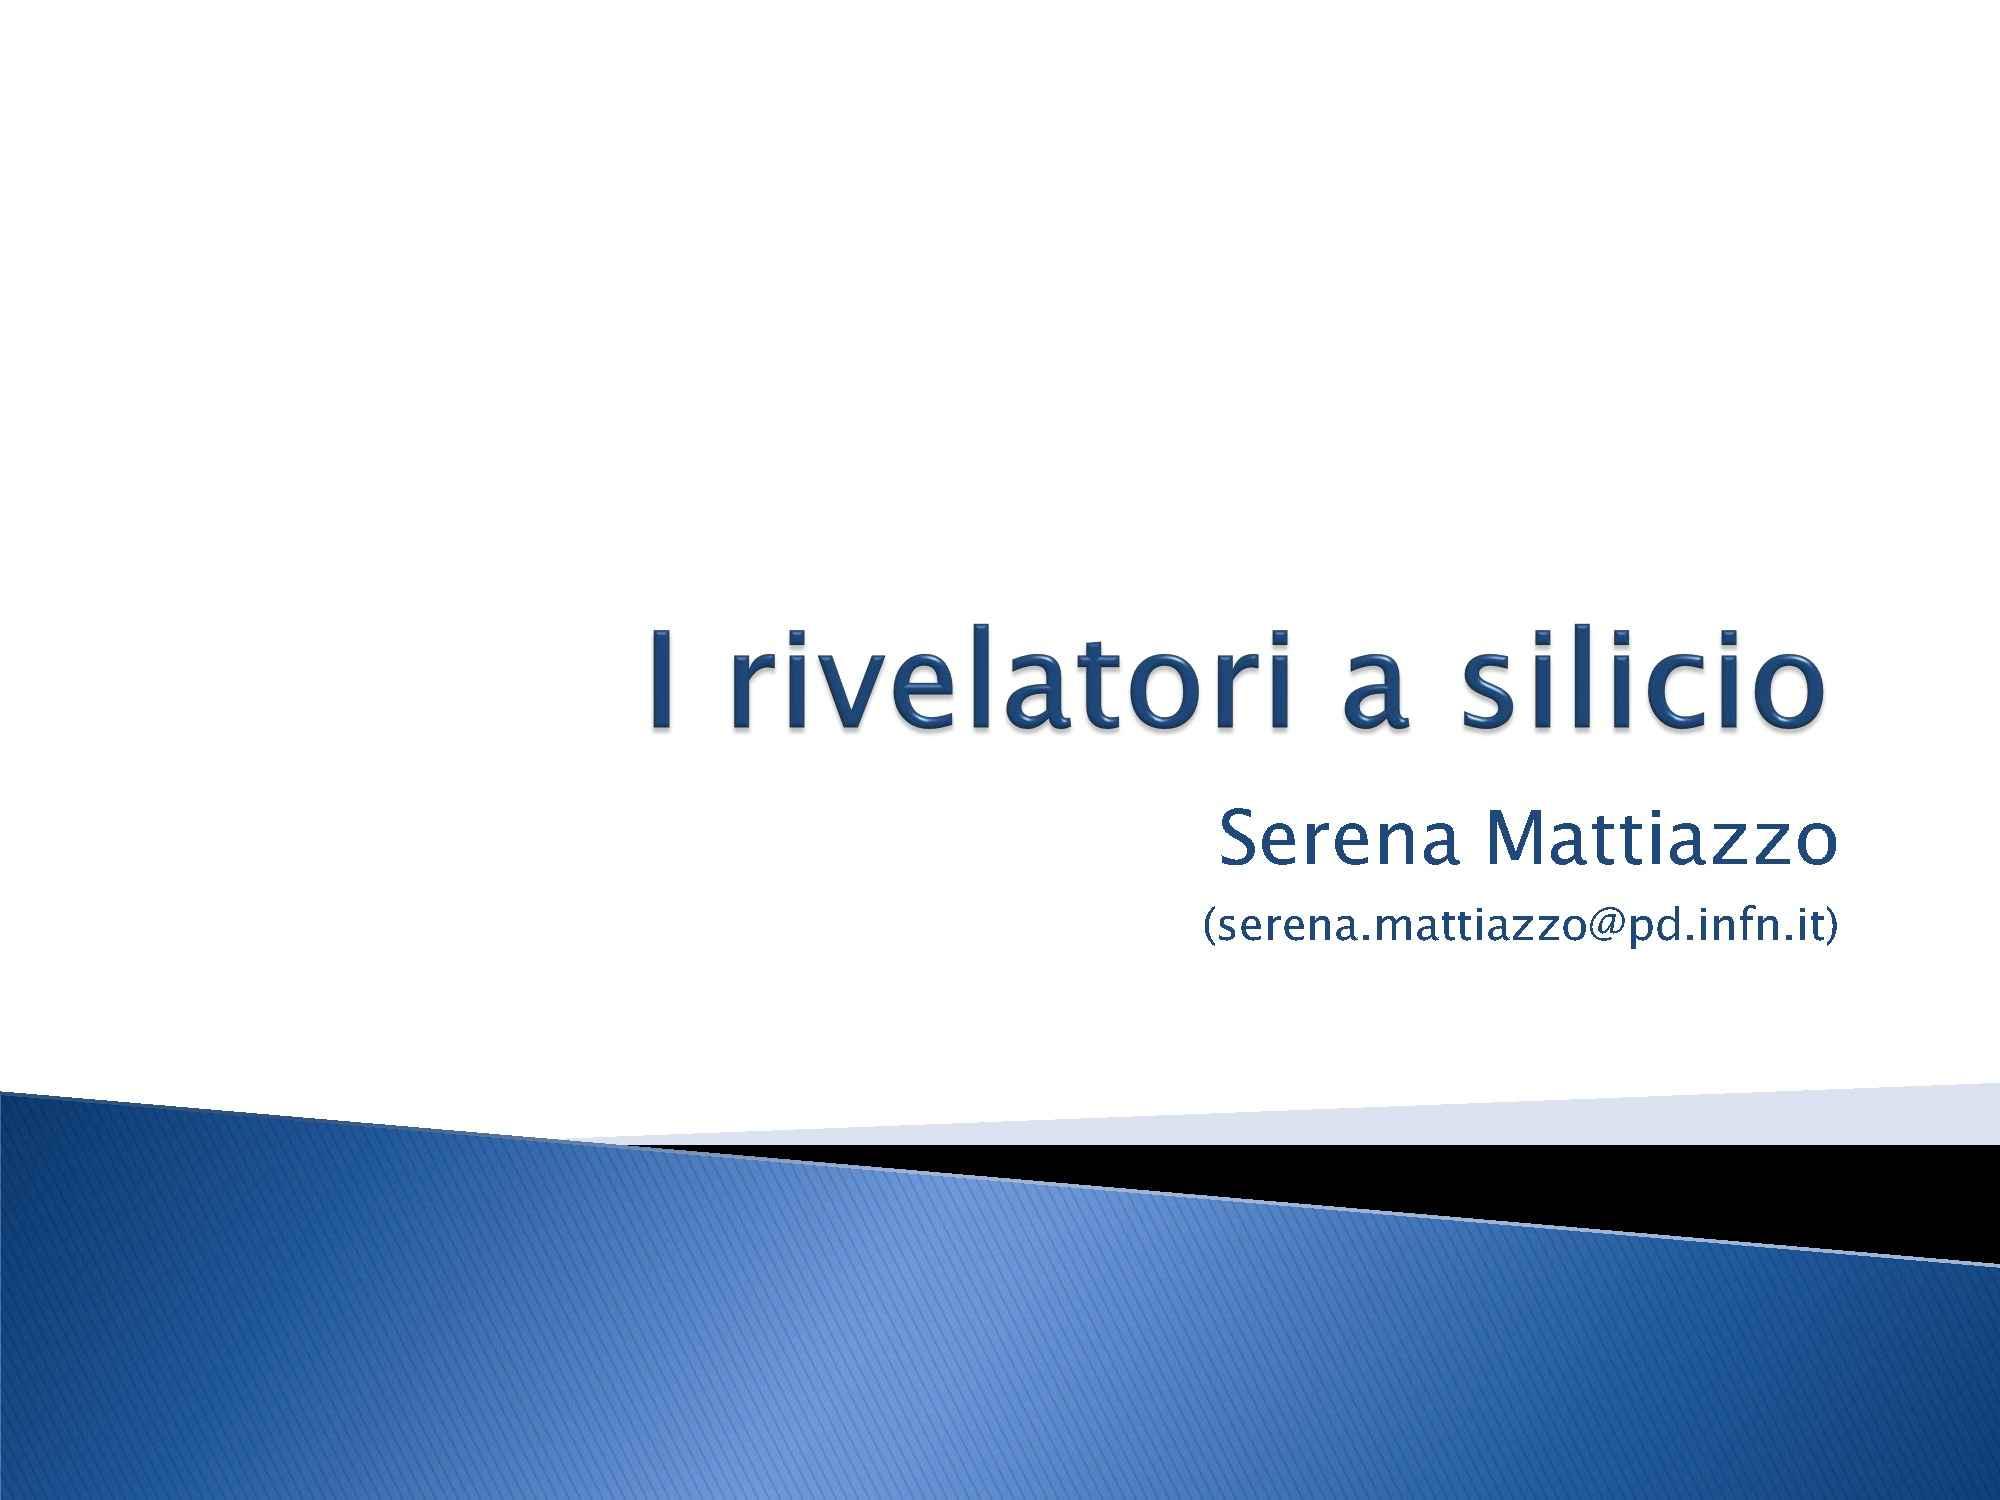 Rivelatori a silicio